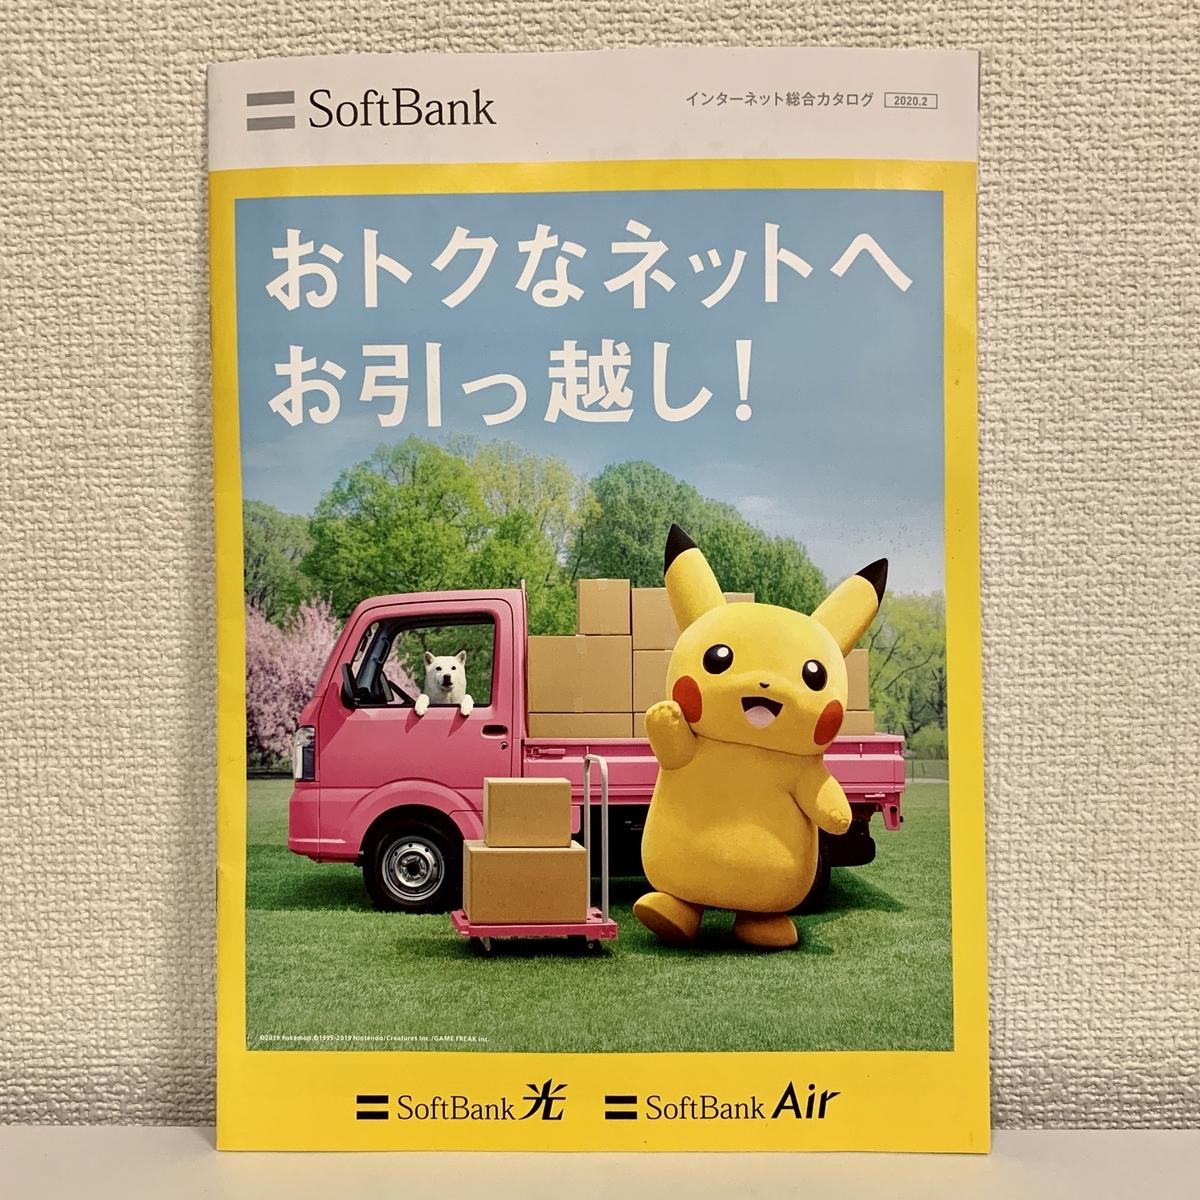 f:id:pikachu_pcn:20200130214358j:plain